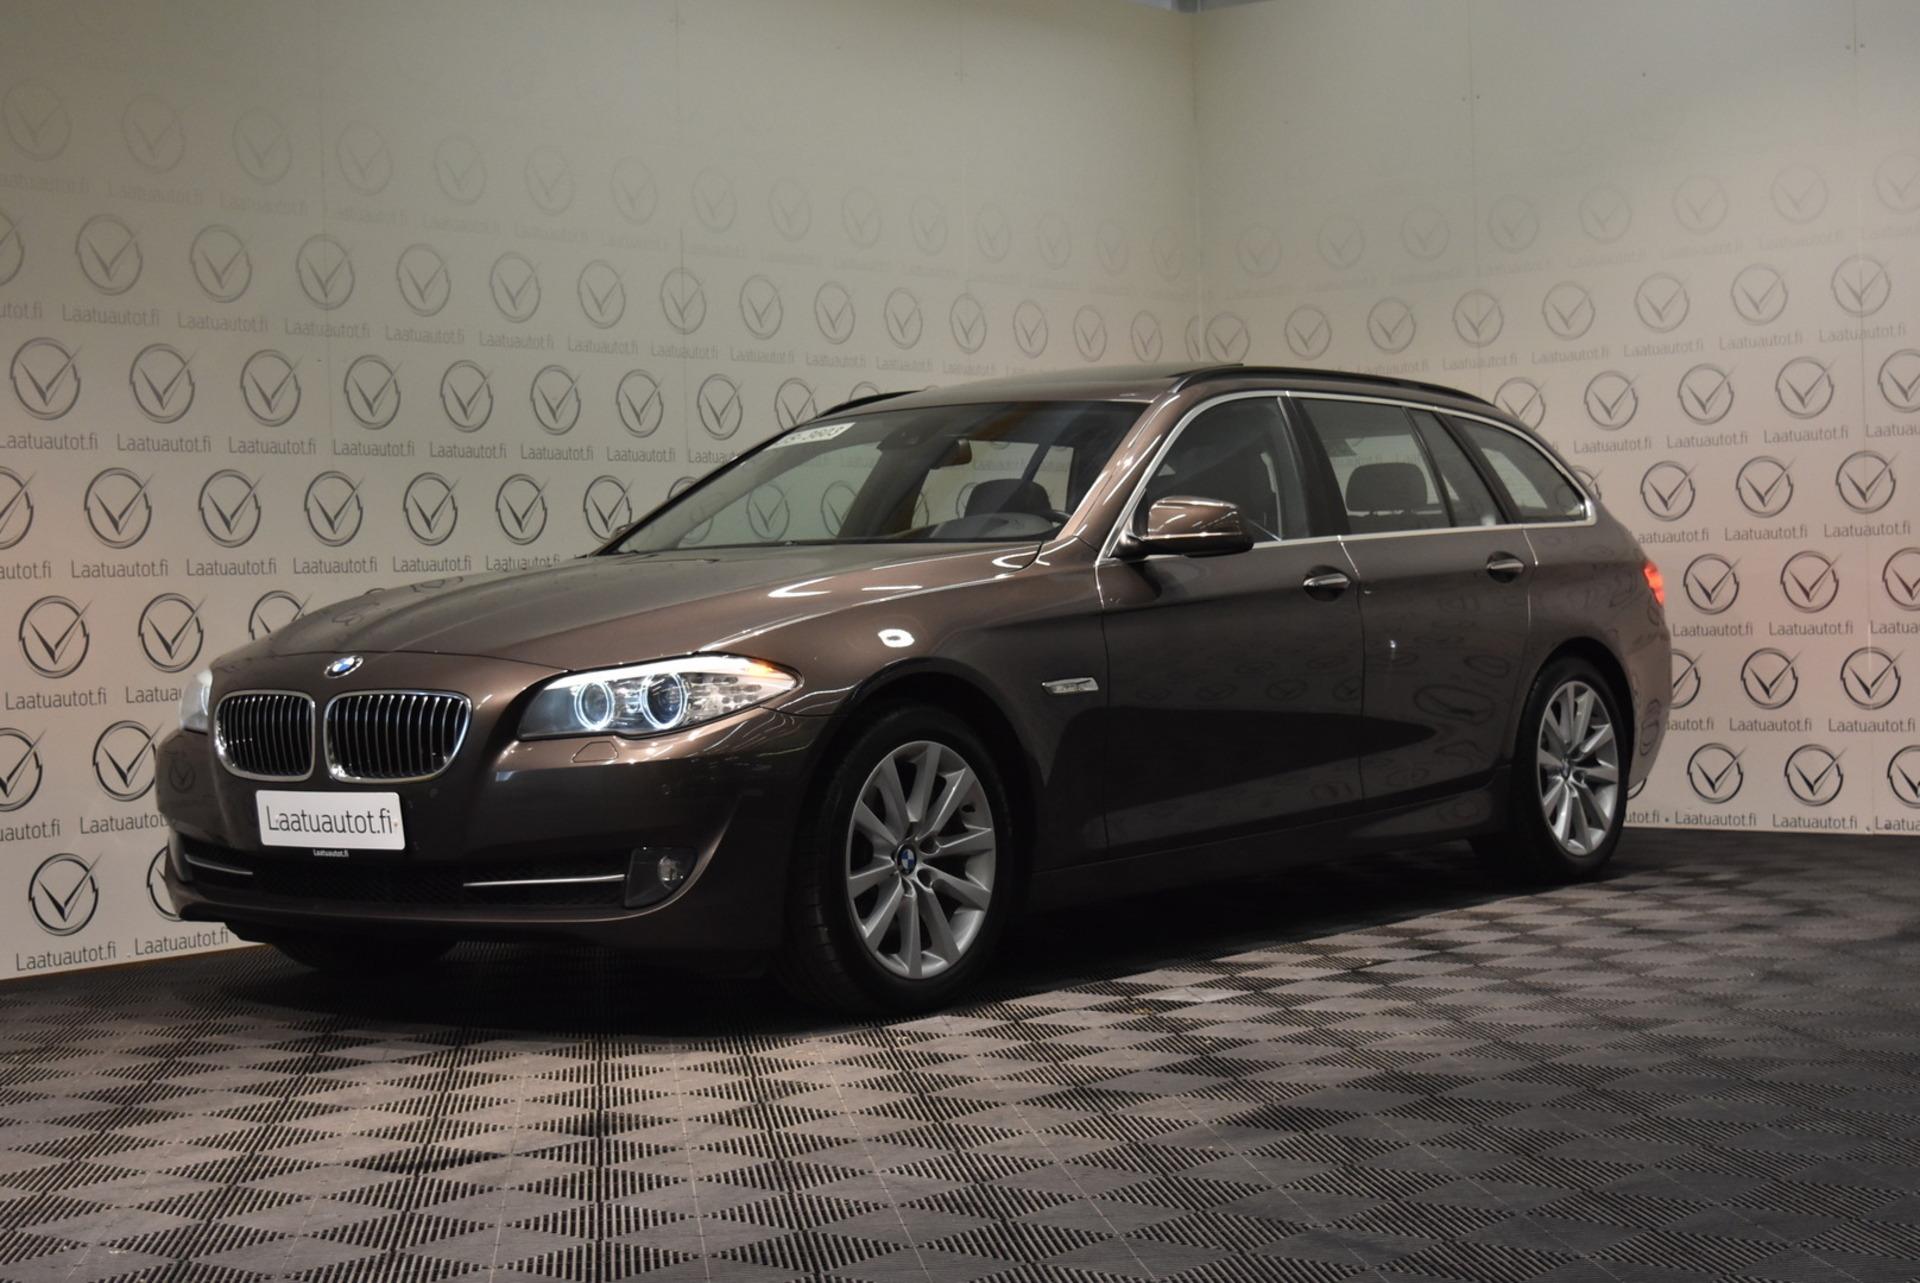 BMW 535 A F11 Touring - Rahoitus 1.89% jopa ilman käsirahaa! HeadUp,  Nahat Sähköllä,  Panorama,  Xenon,  ProNavi,  PDC yms yms